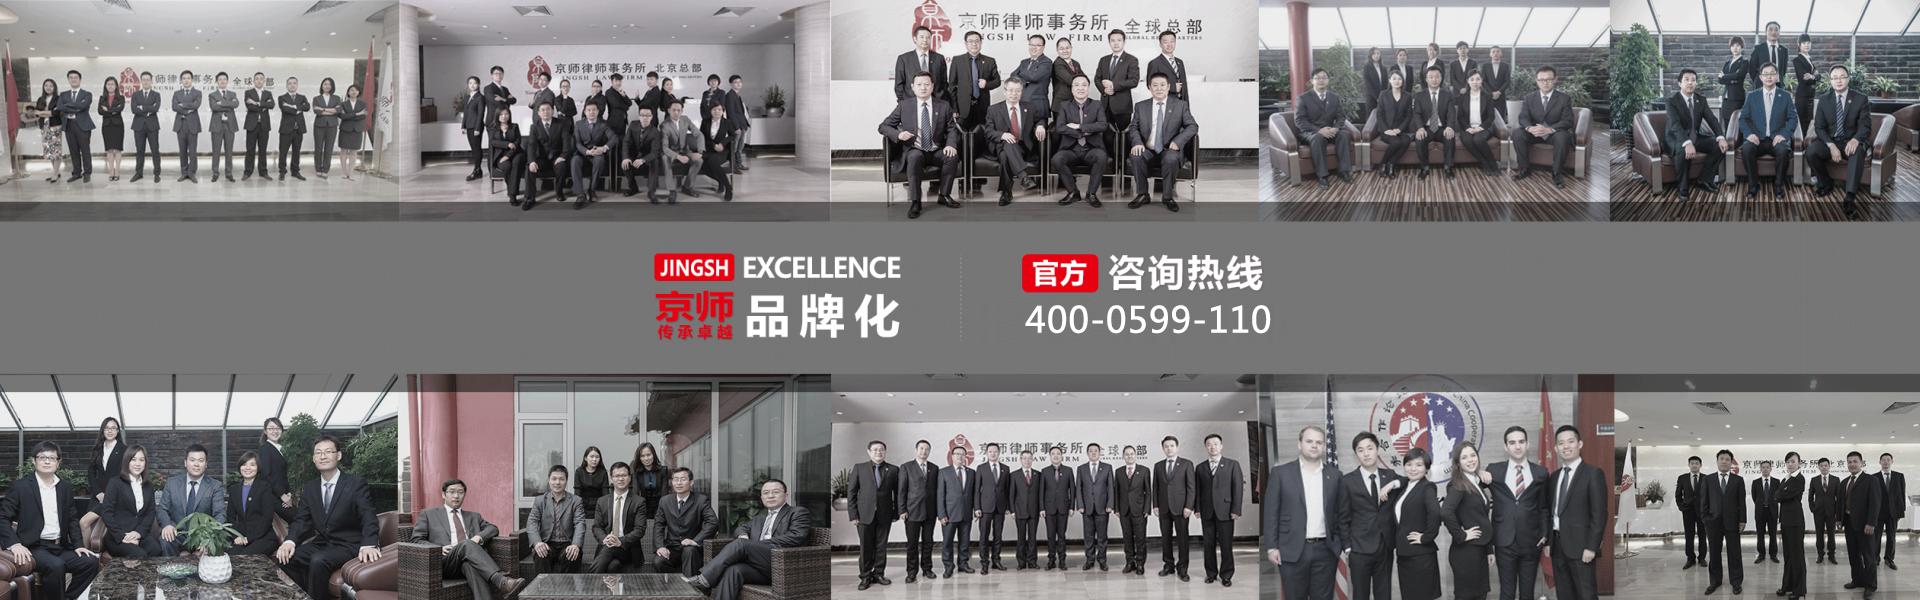 京师刑事律师事务所刑事辩护首页